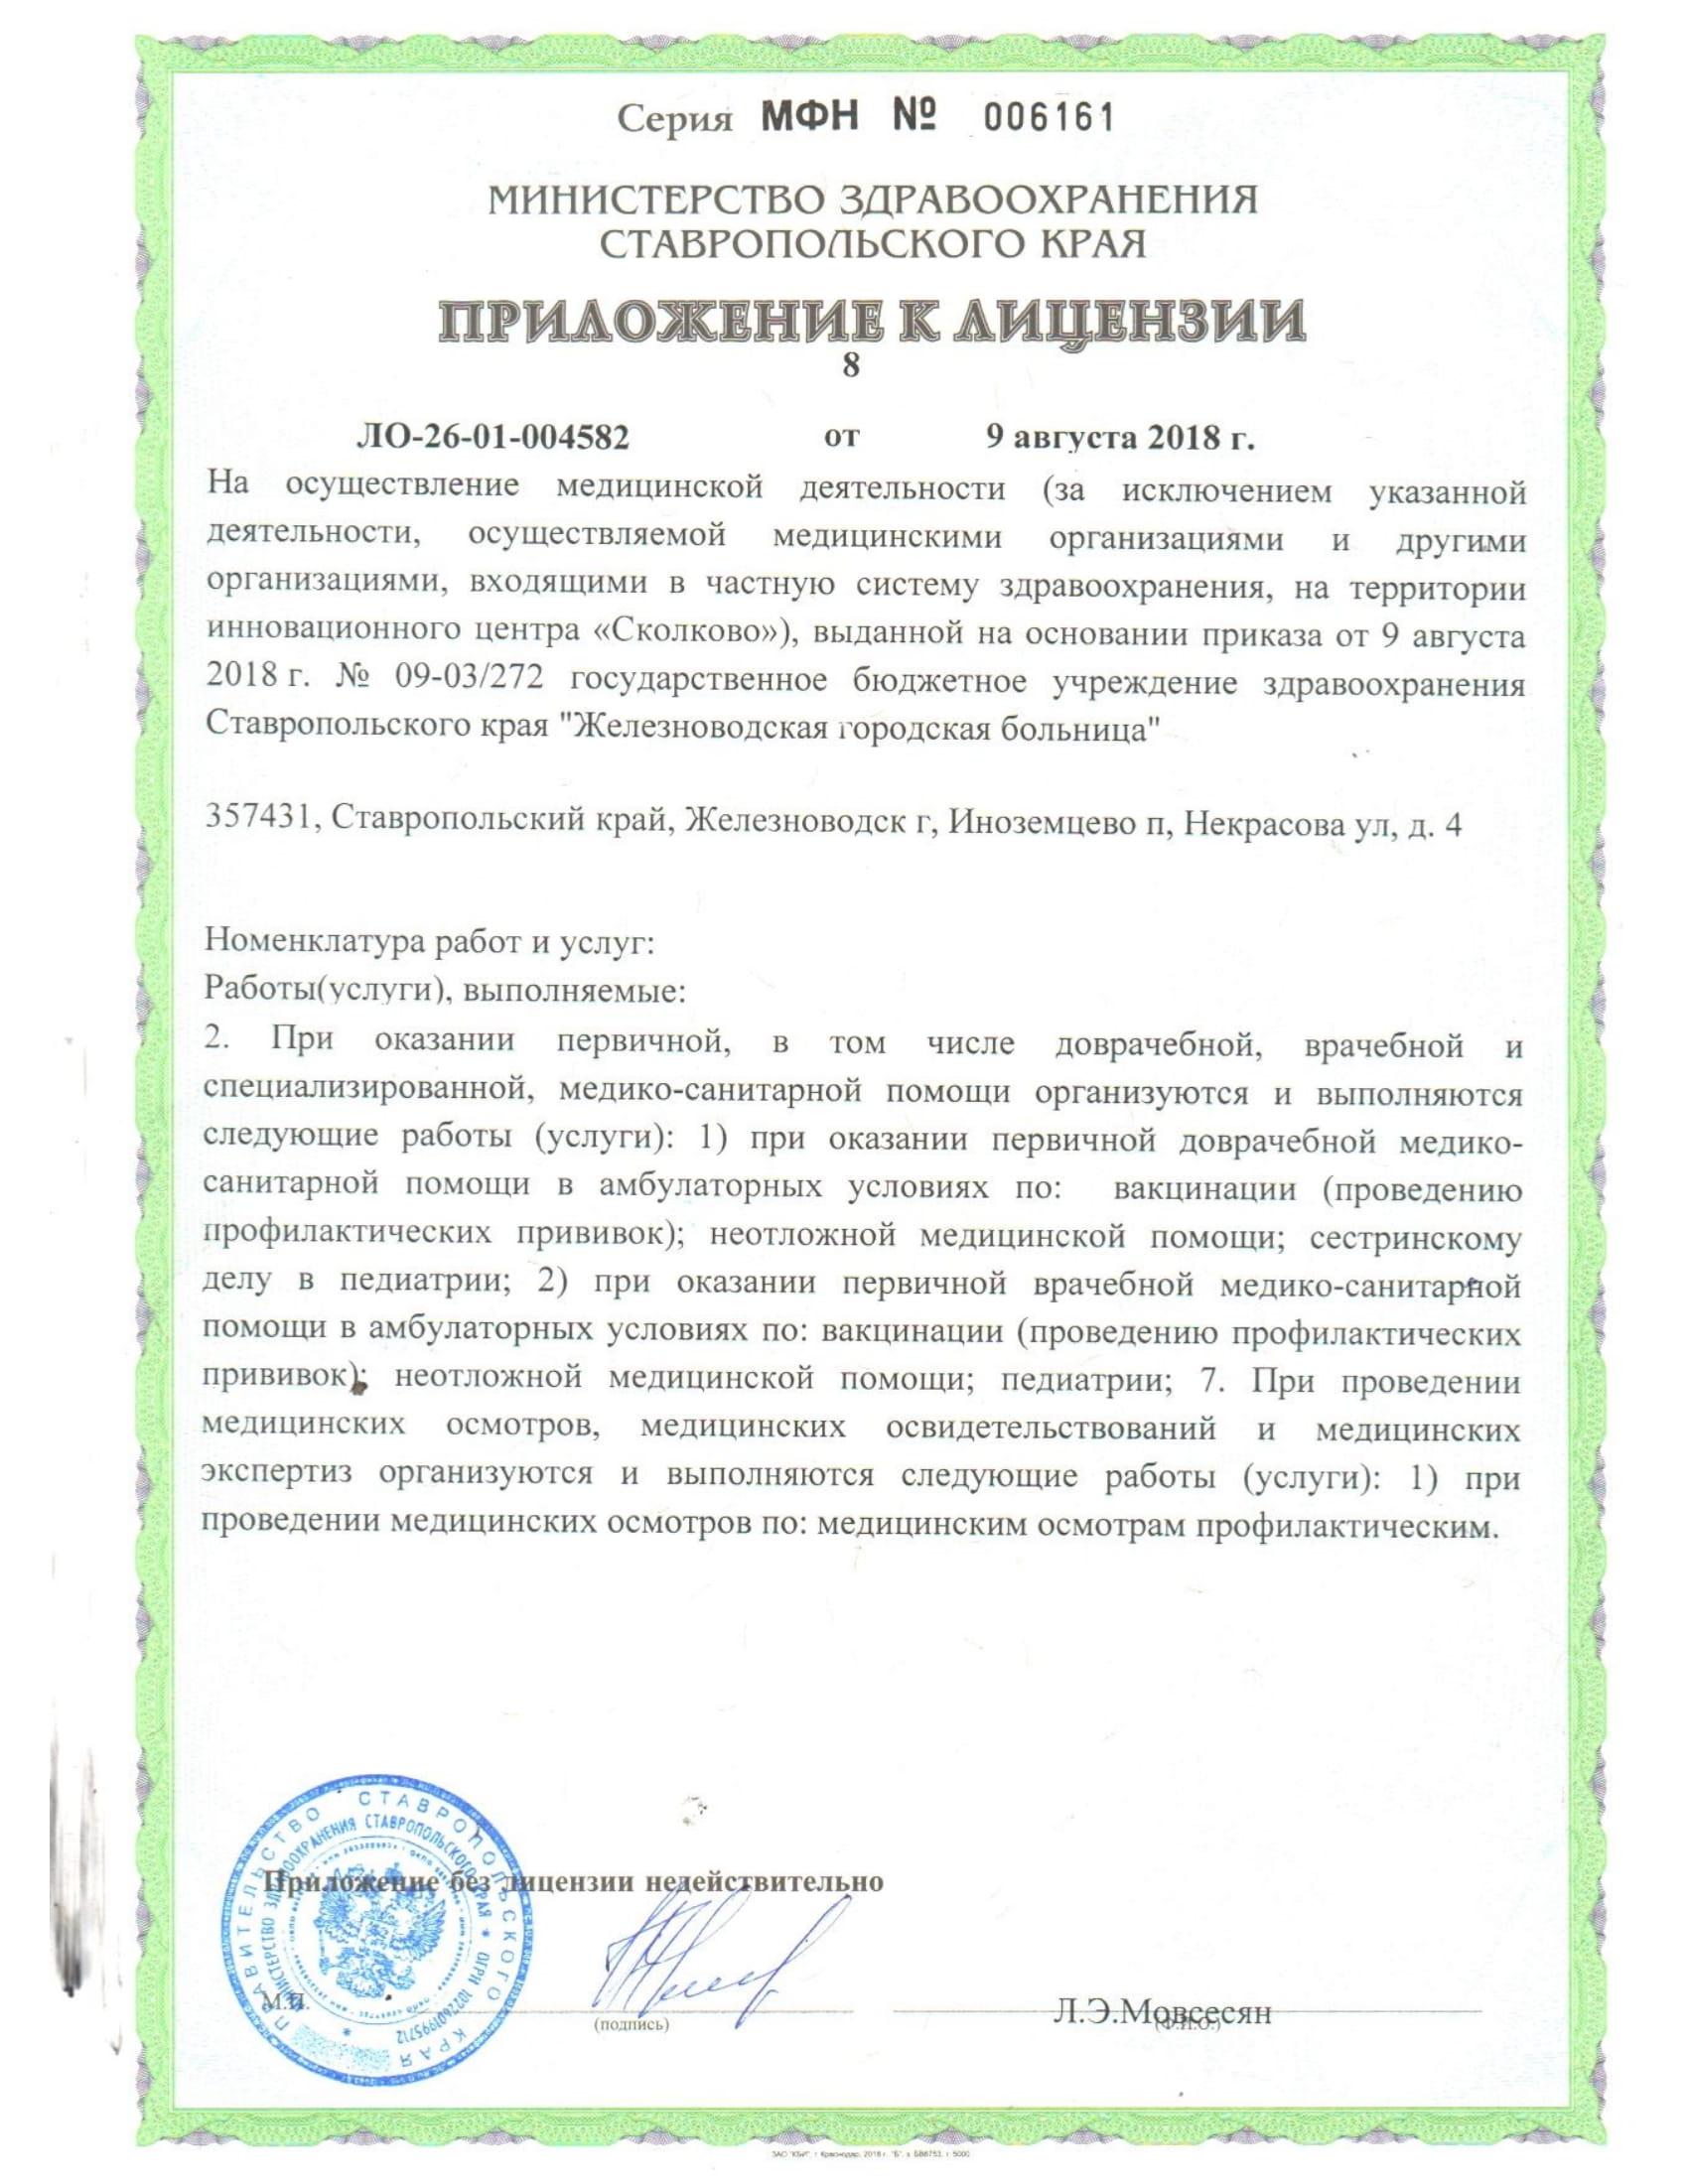 лицензия 2018 от 09.08.2018-11